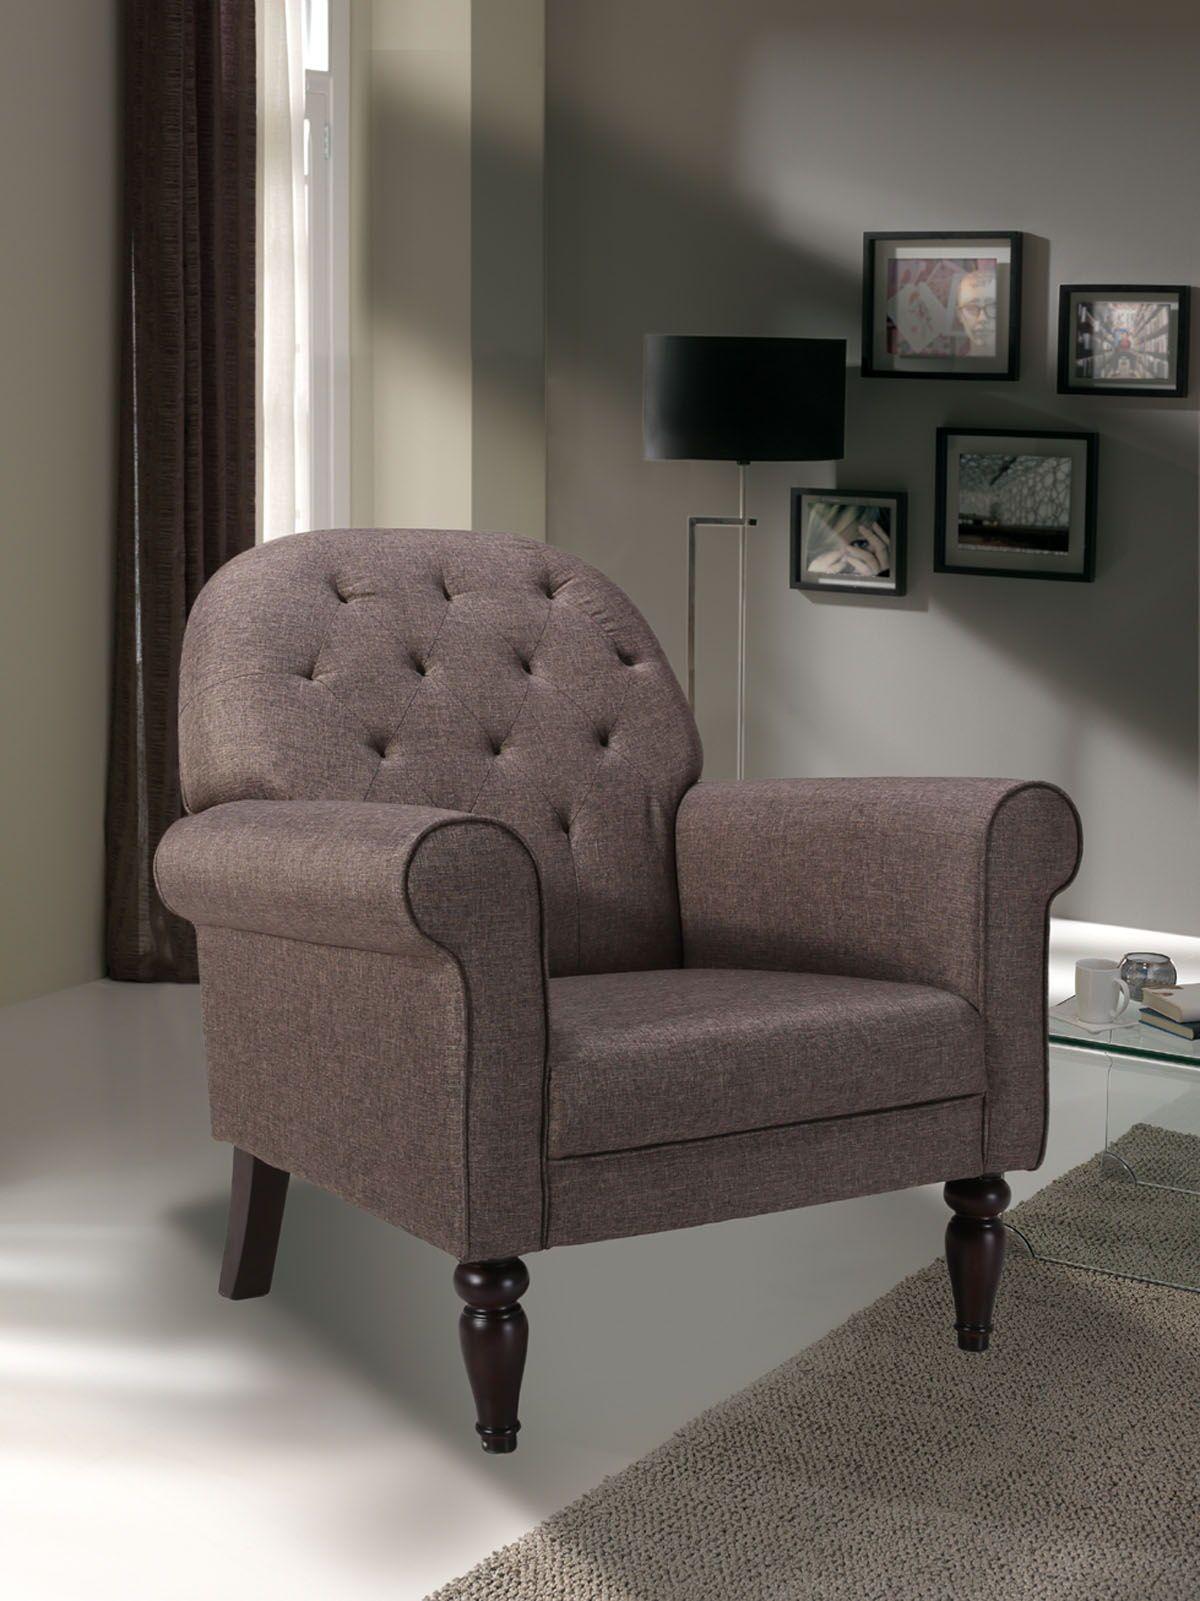 barato prar sillon tapizado en tela color